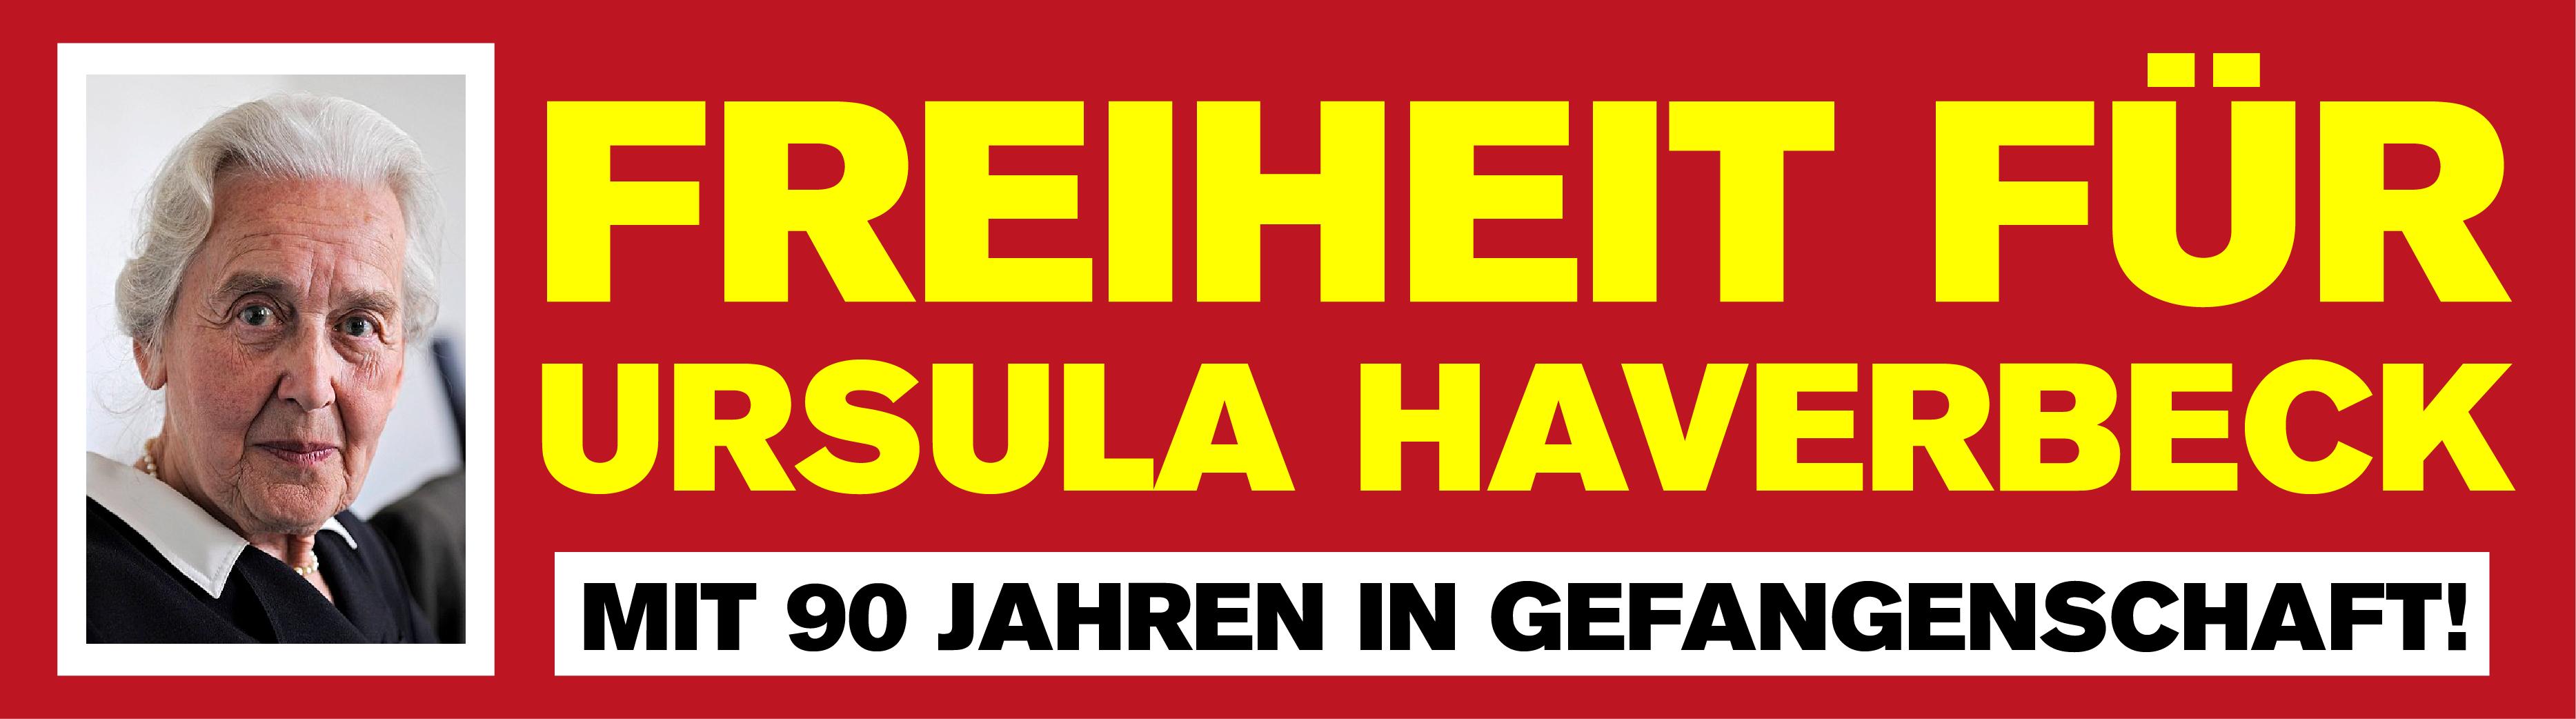 Freiheit für Ursula Haverbeck!